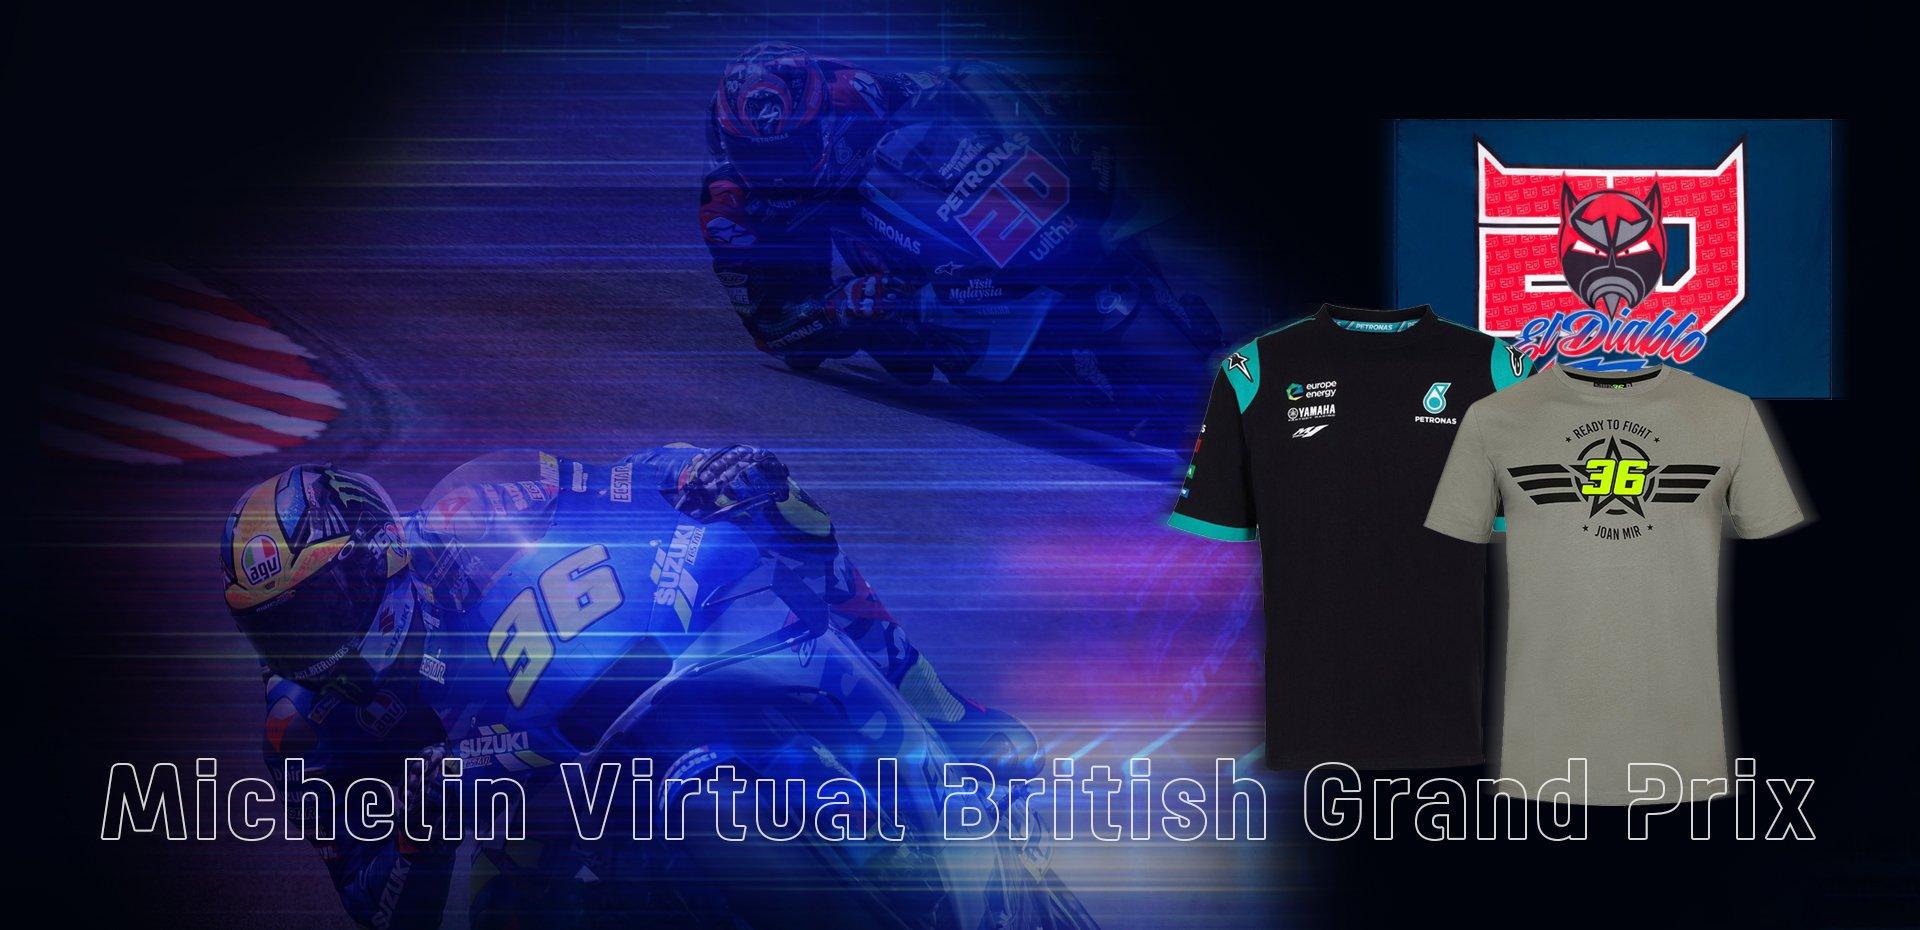 Michelin Virtual British Grand Prix